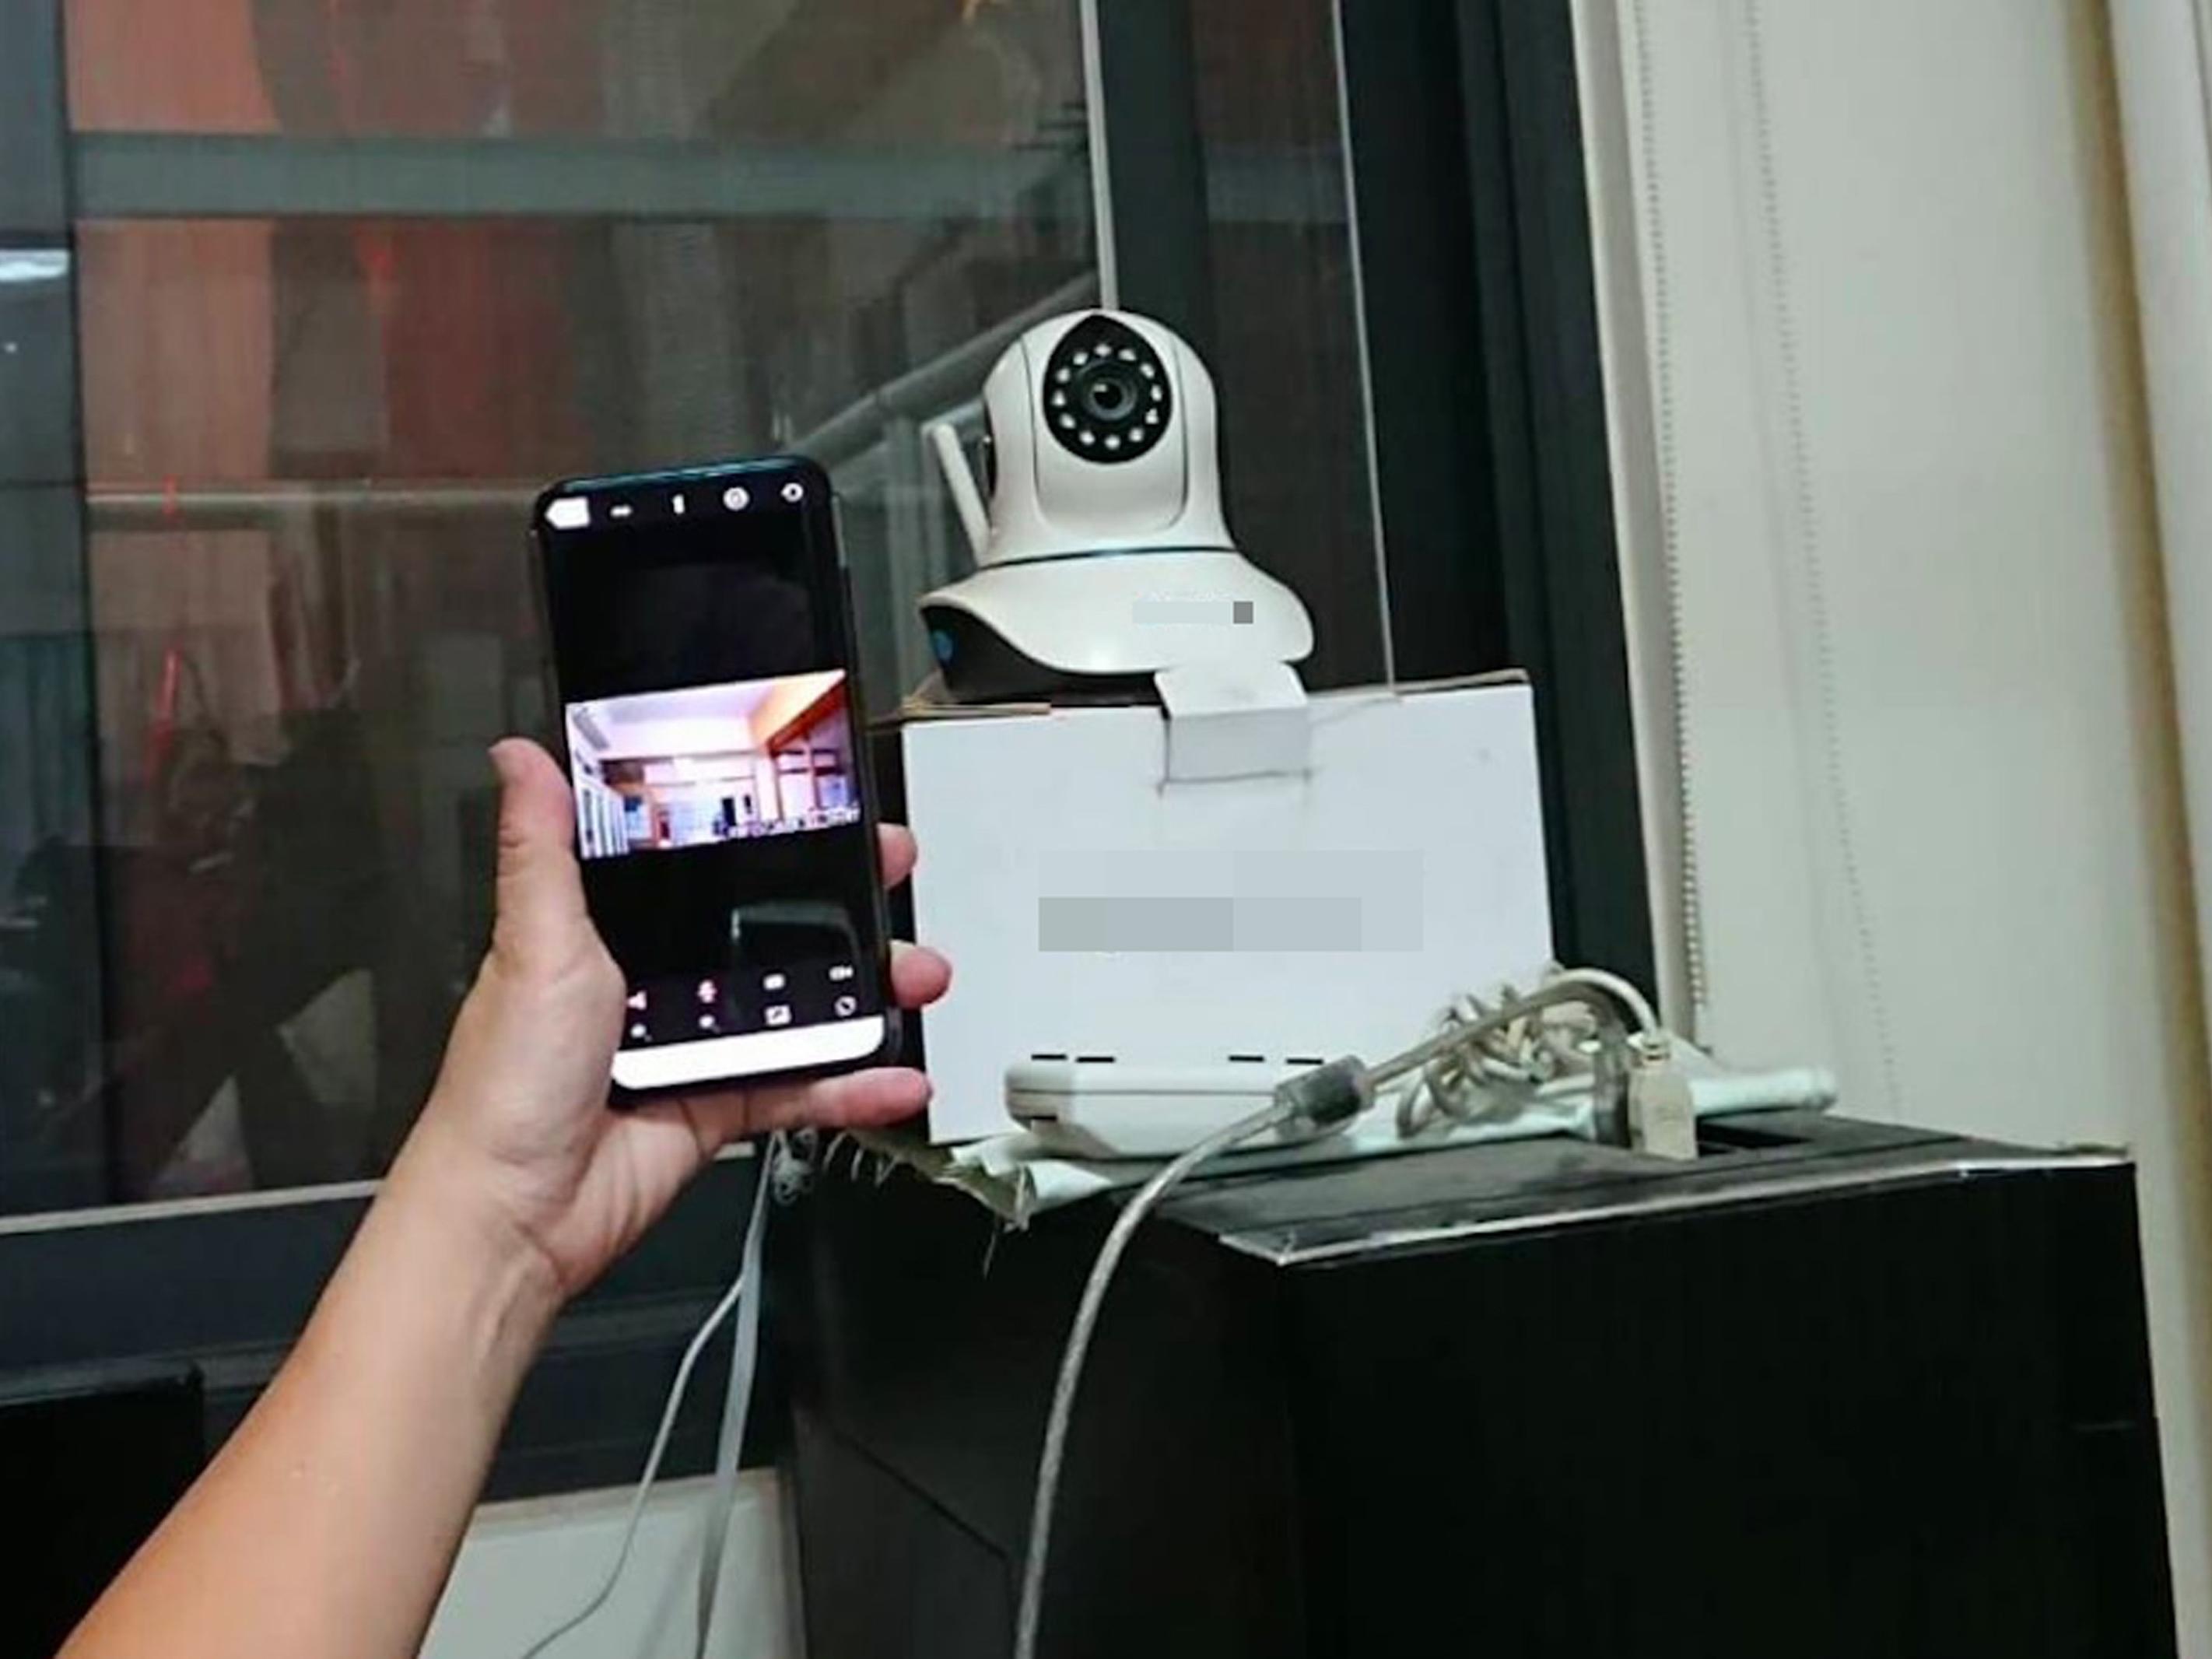 網路攝影機隱私漏洞